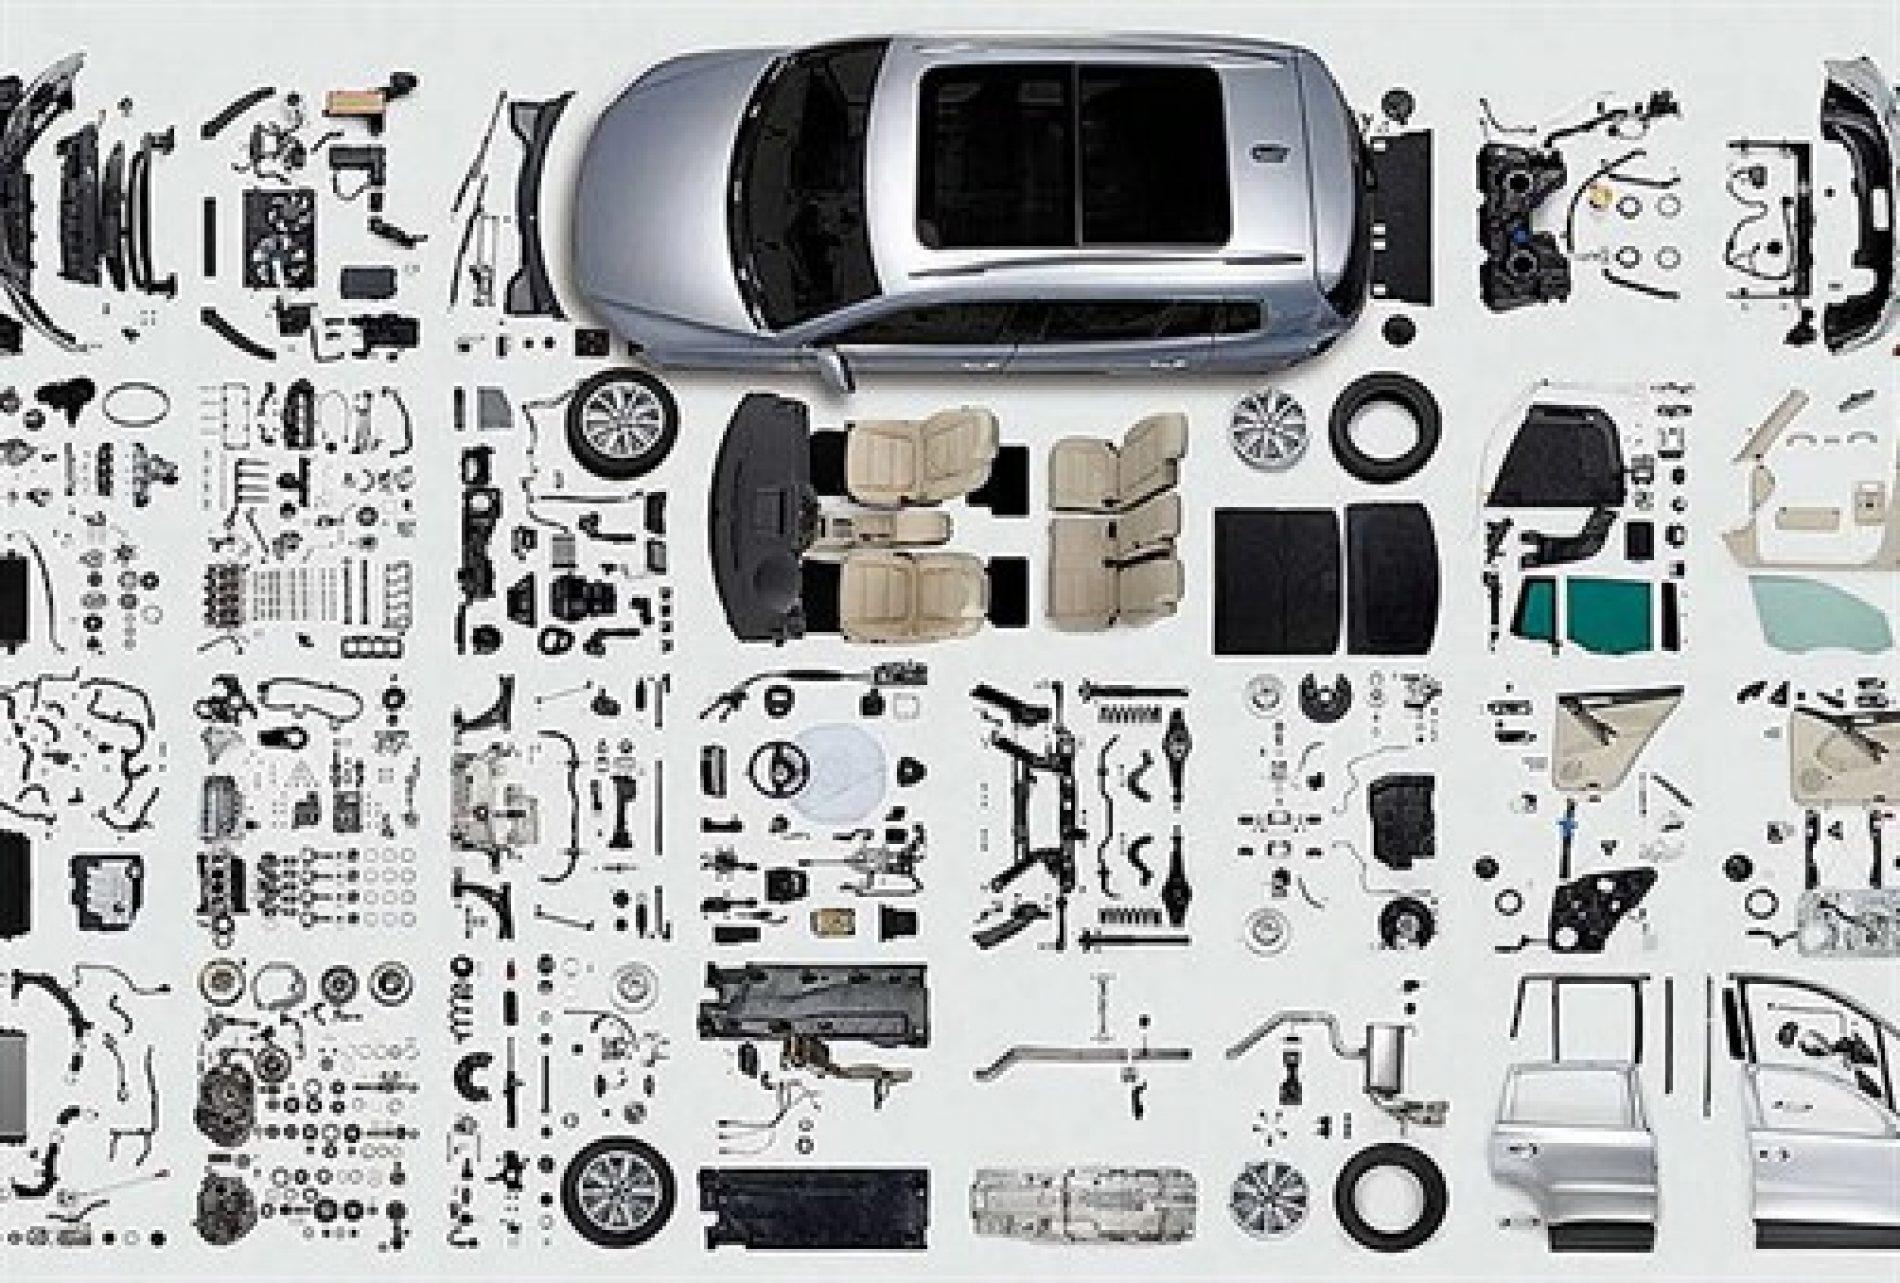 Domaća pamet: Deseci bosanskih firmi proizvode dijelove za evropske gigante autoindustrije